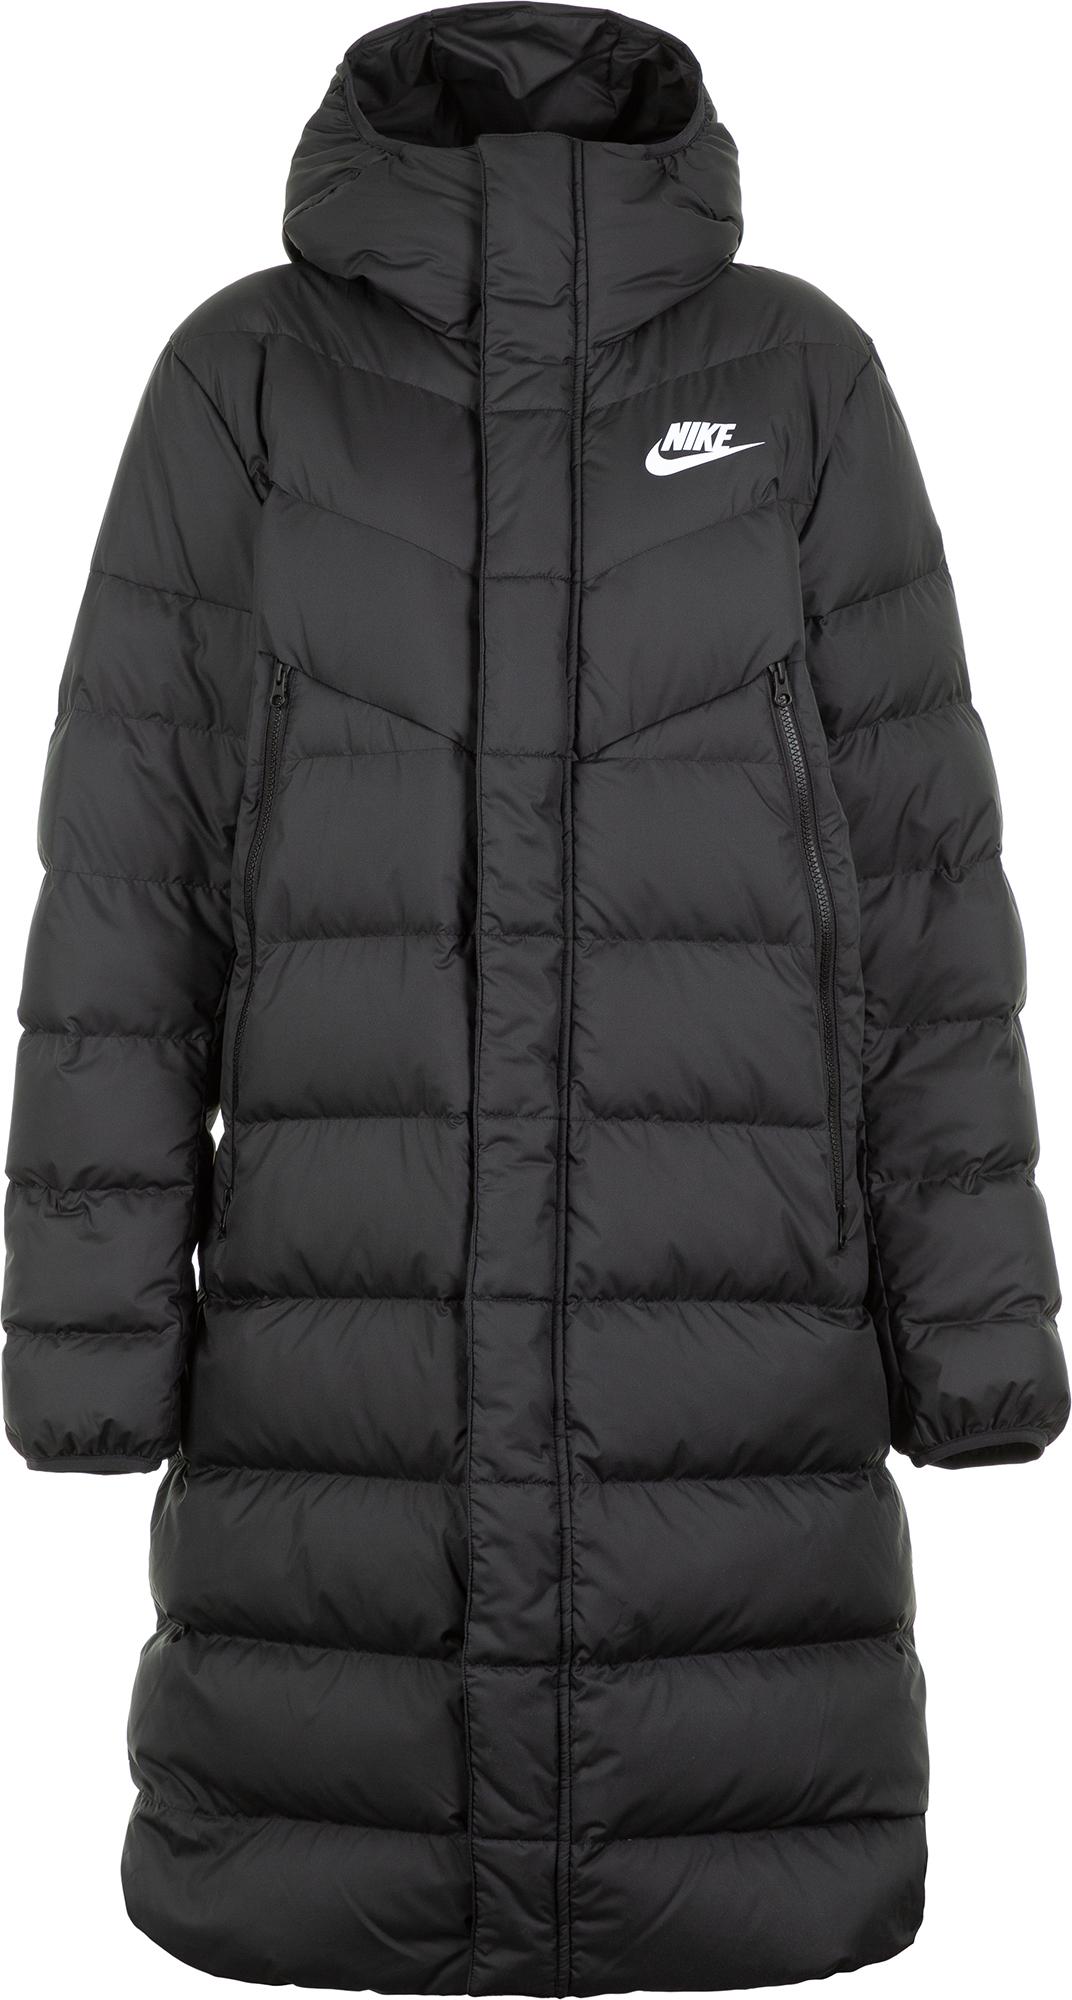 цена Nike Куртка пуховая мужская Nike, размер 52-54 онлайн в 2017 году